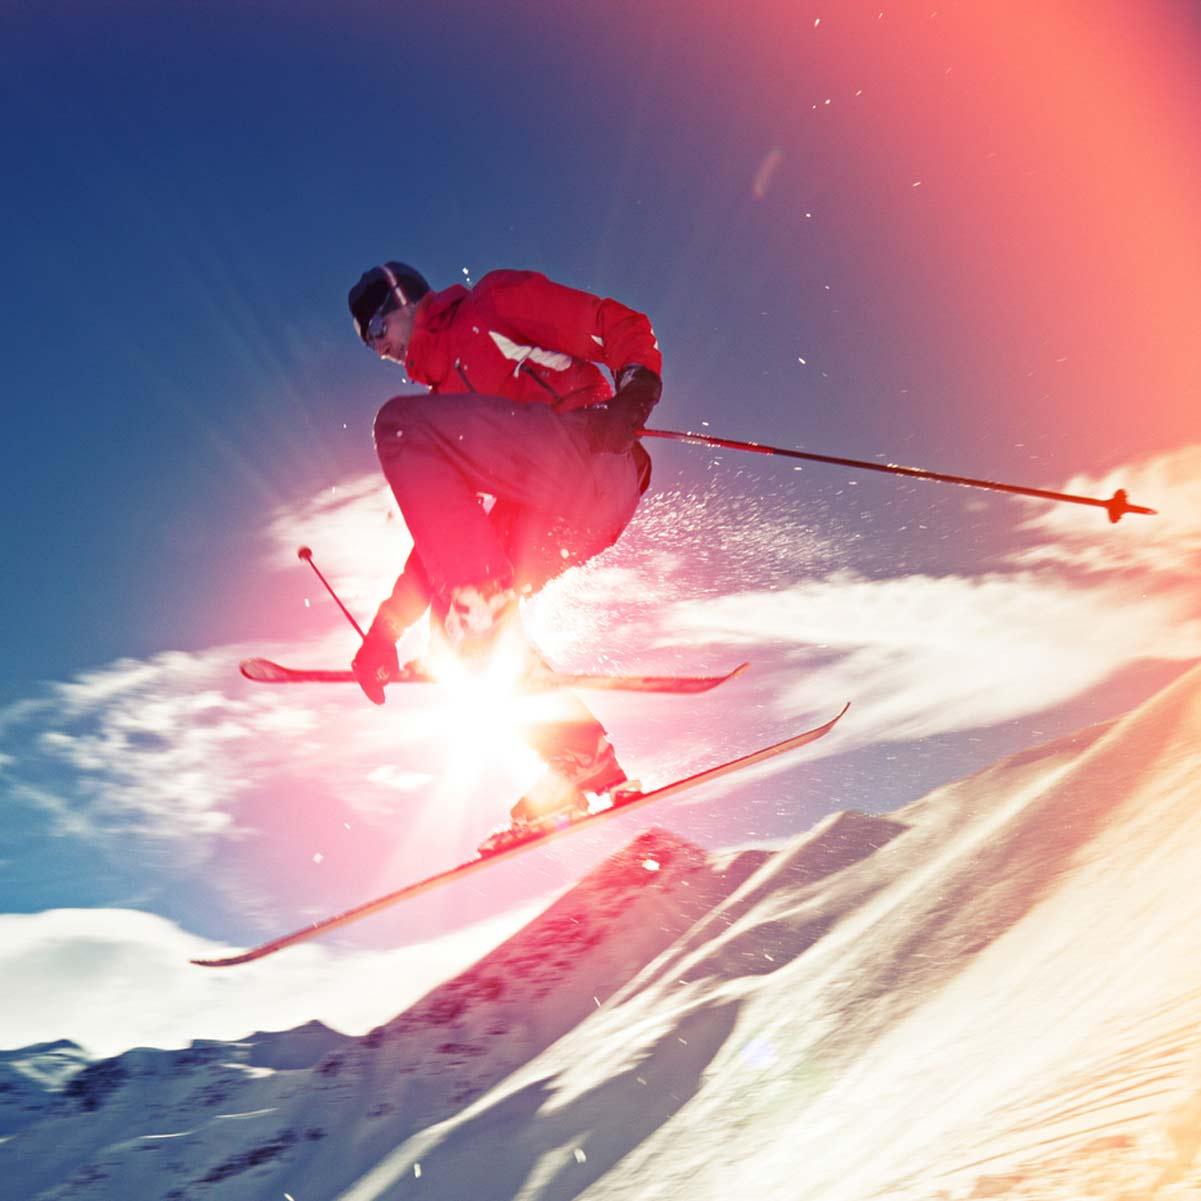 Serwis Nart i Snowboardów Pruszków